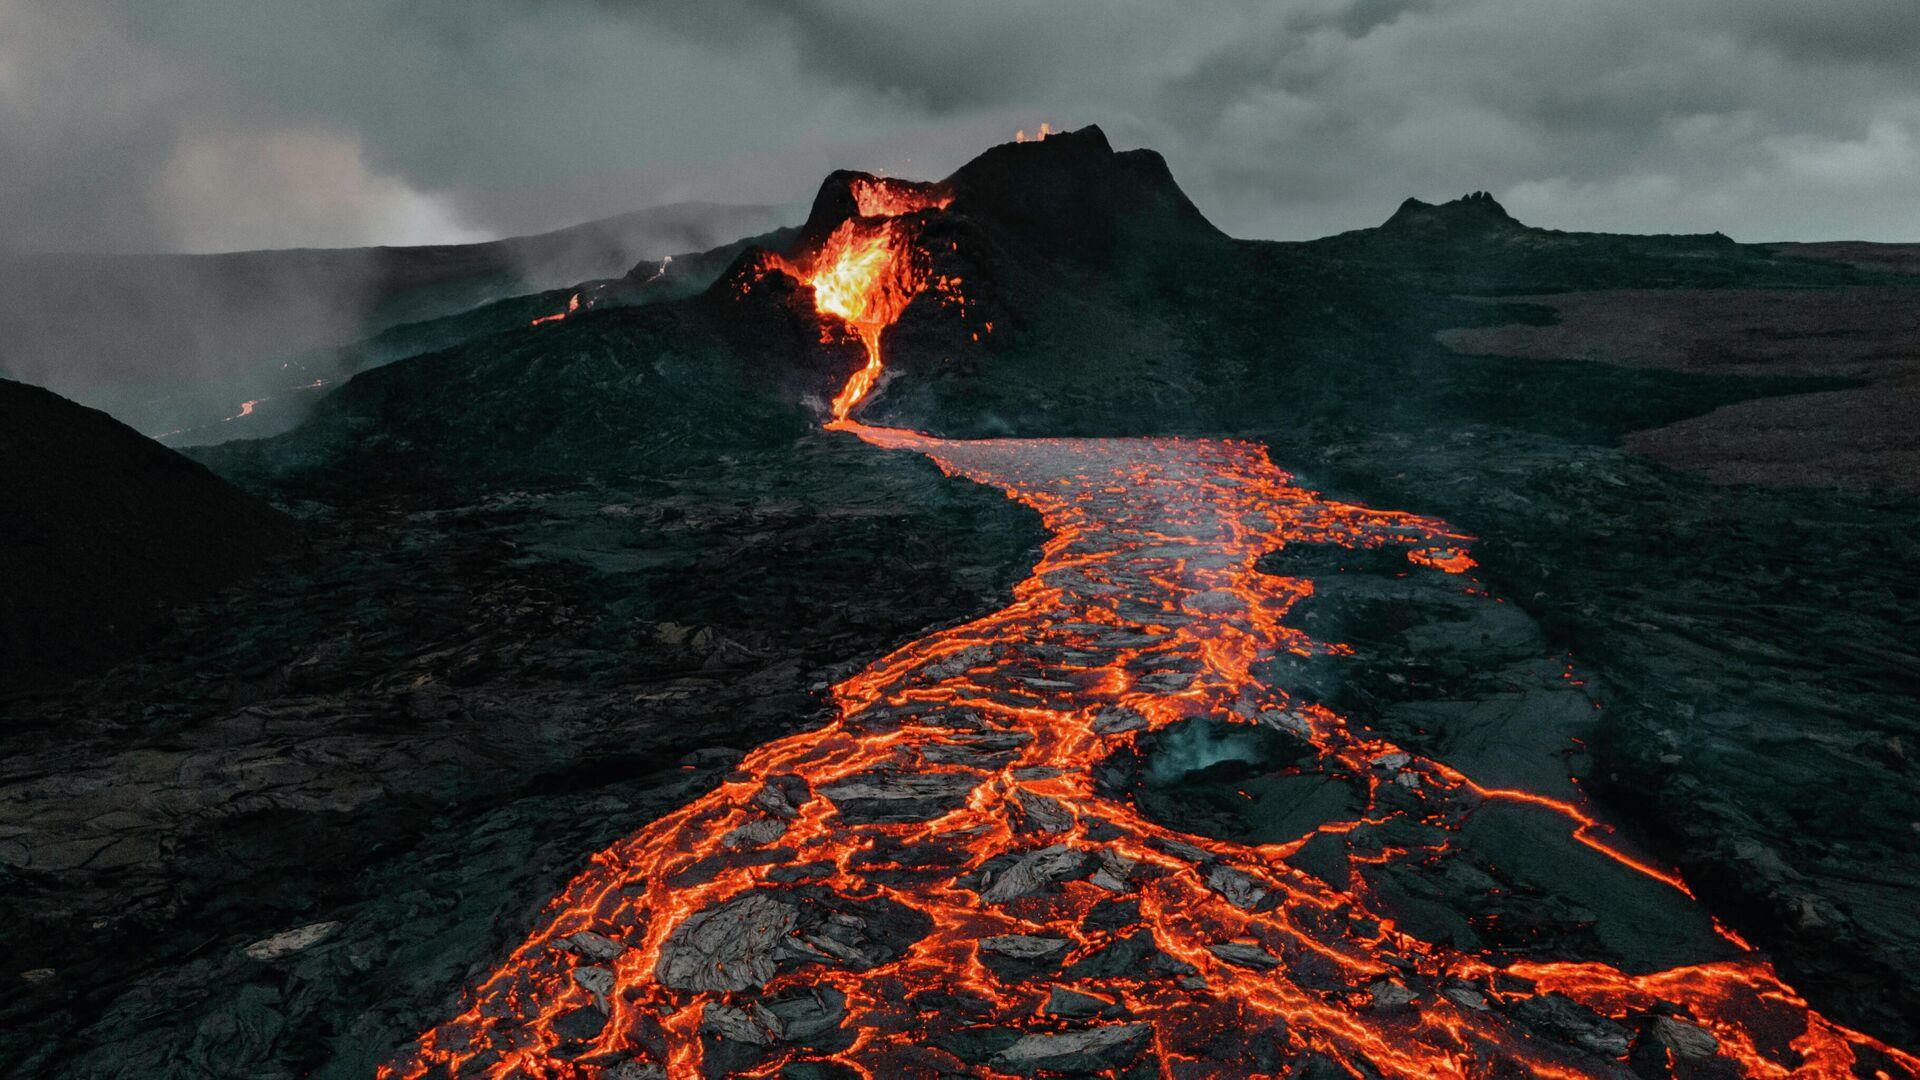 La erupción de un volcán - Sputnik Mundo, 1920, 15.09.2021